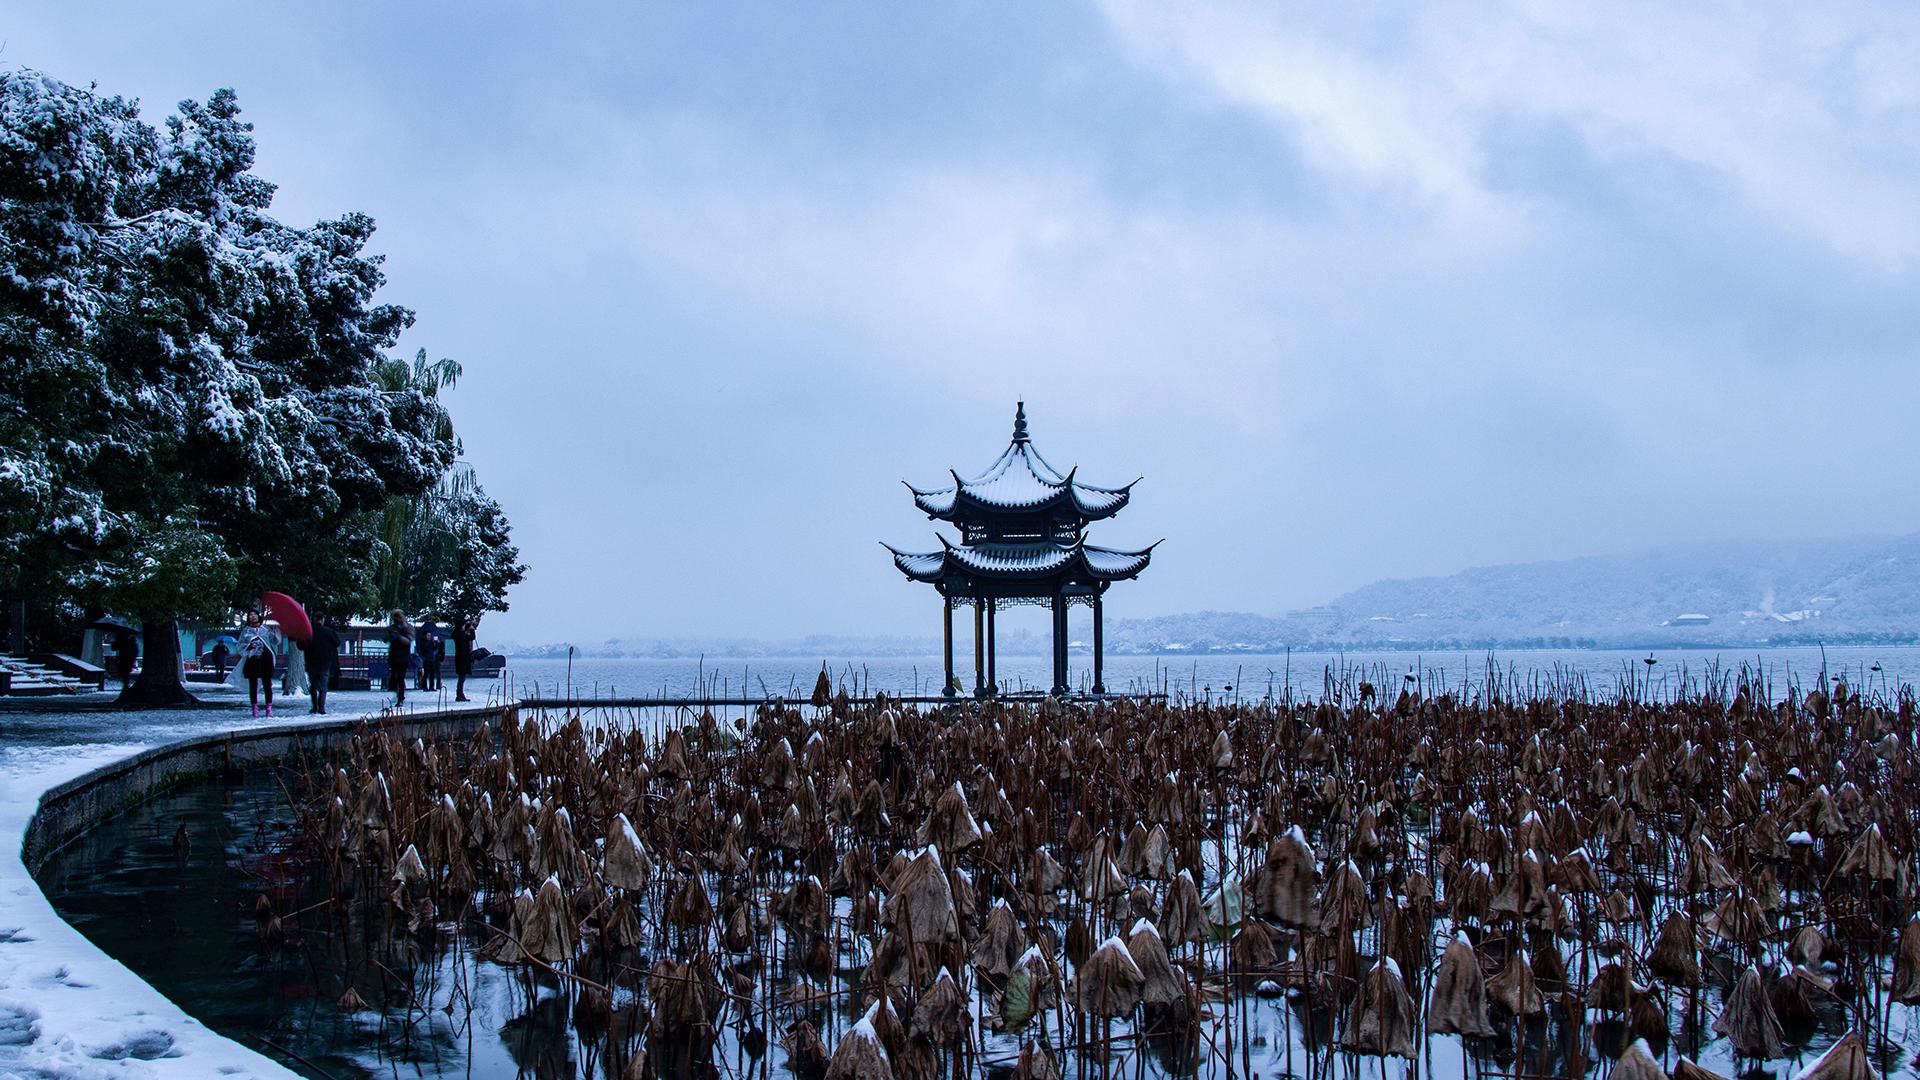 杭州唯美风景图片养眼桌面壁纸排行榜